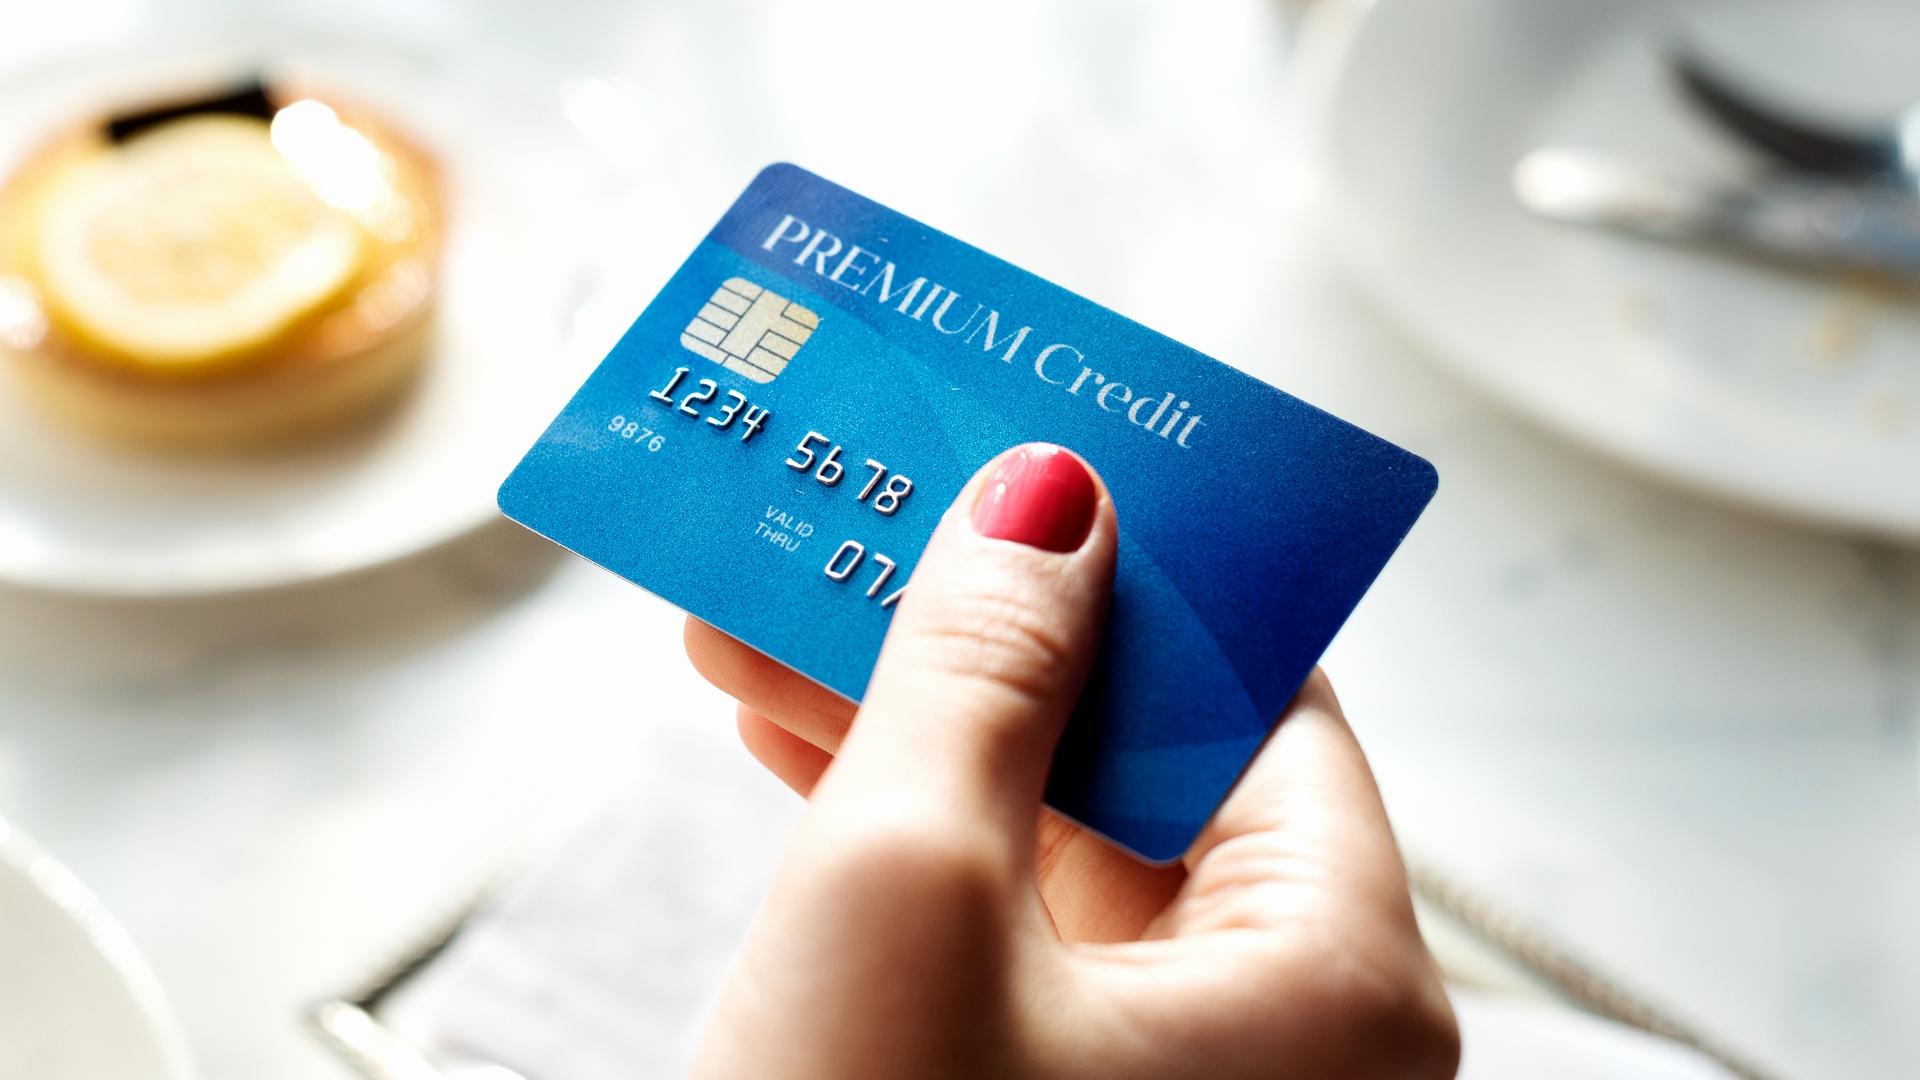 Способы увеличения лимита на кредитной карте